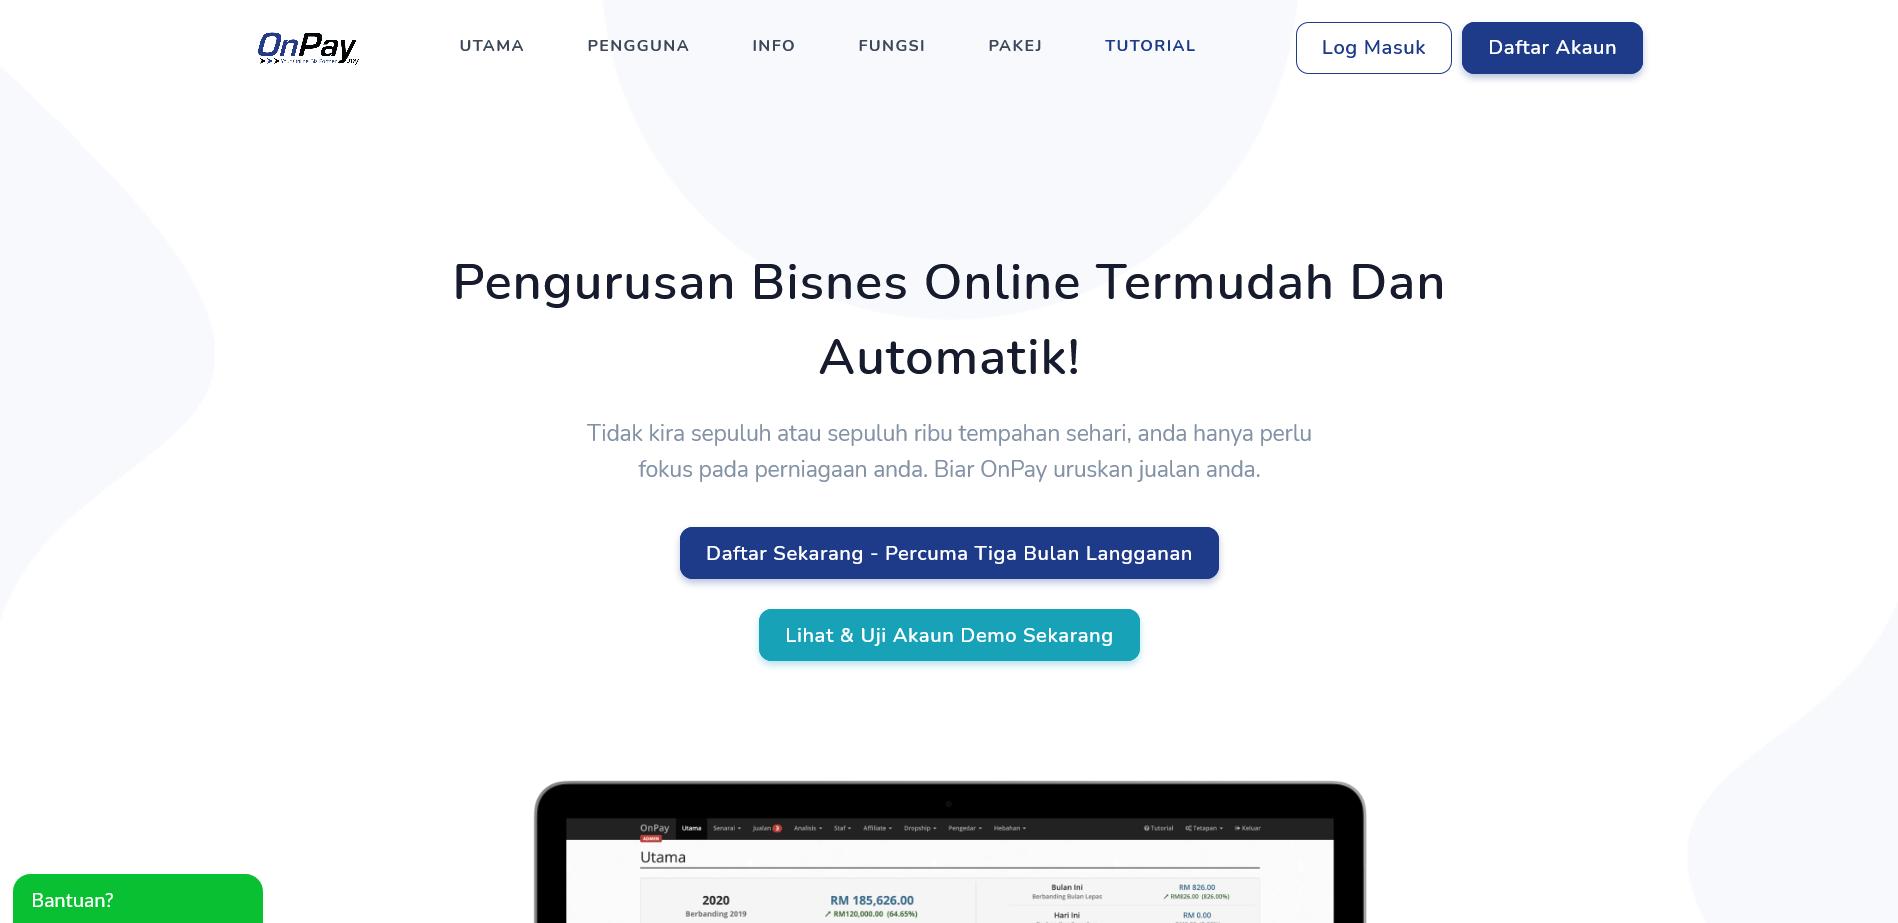 program-affiliate-onpay